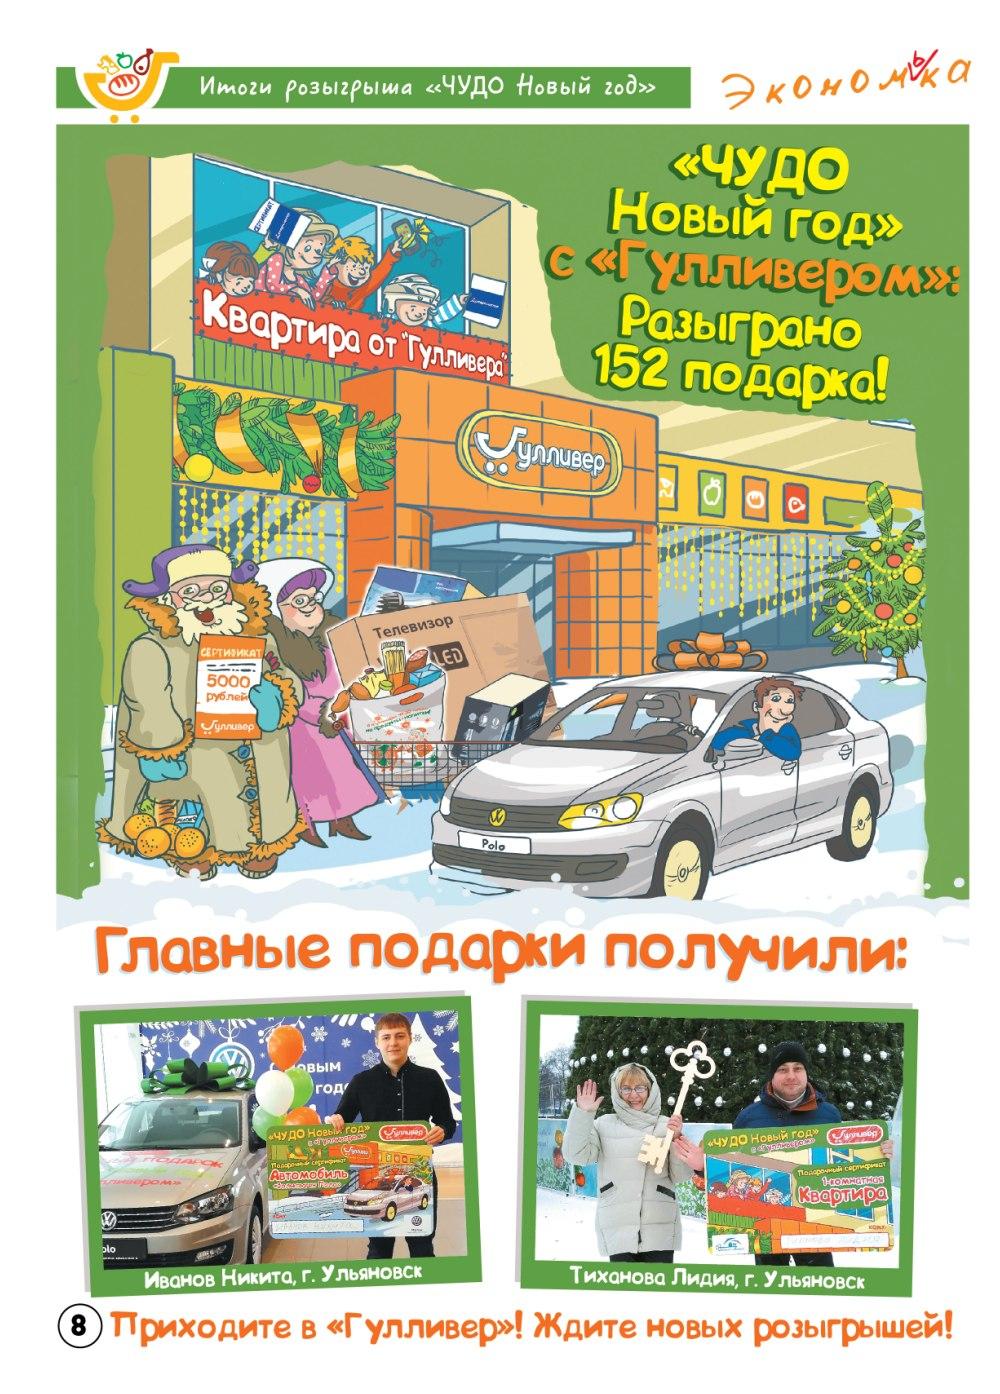 Акции супермаркета Гулливер в марте 2018